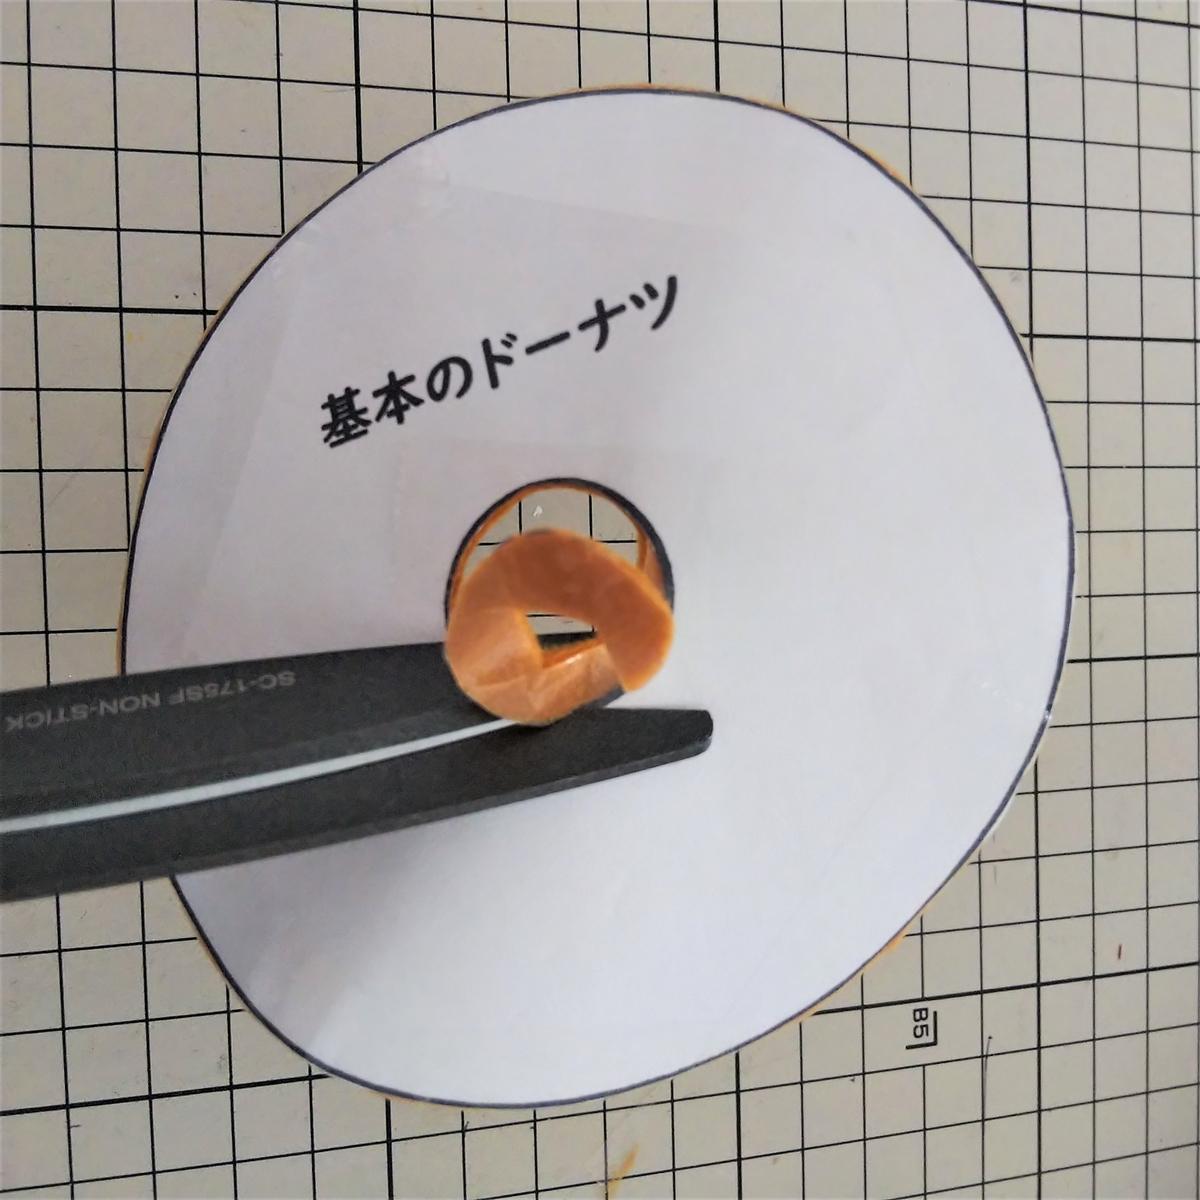 基本のドーナツの作り方④ 刃先で丁寧に切る